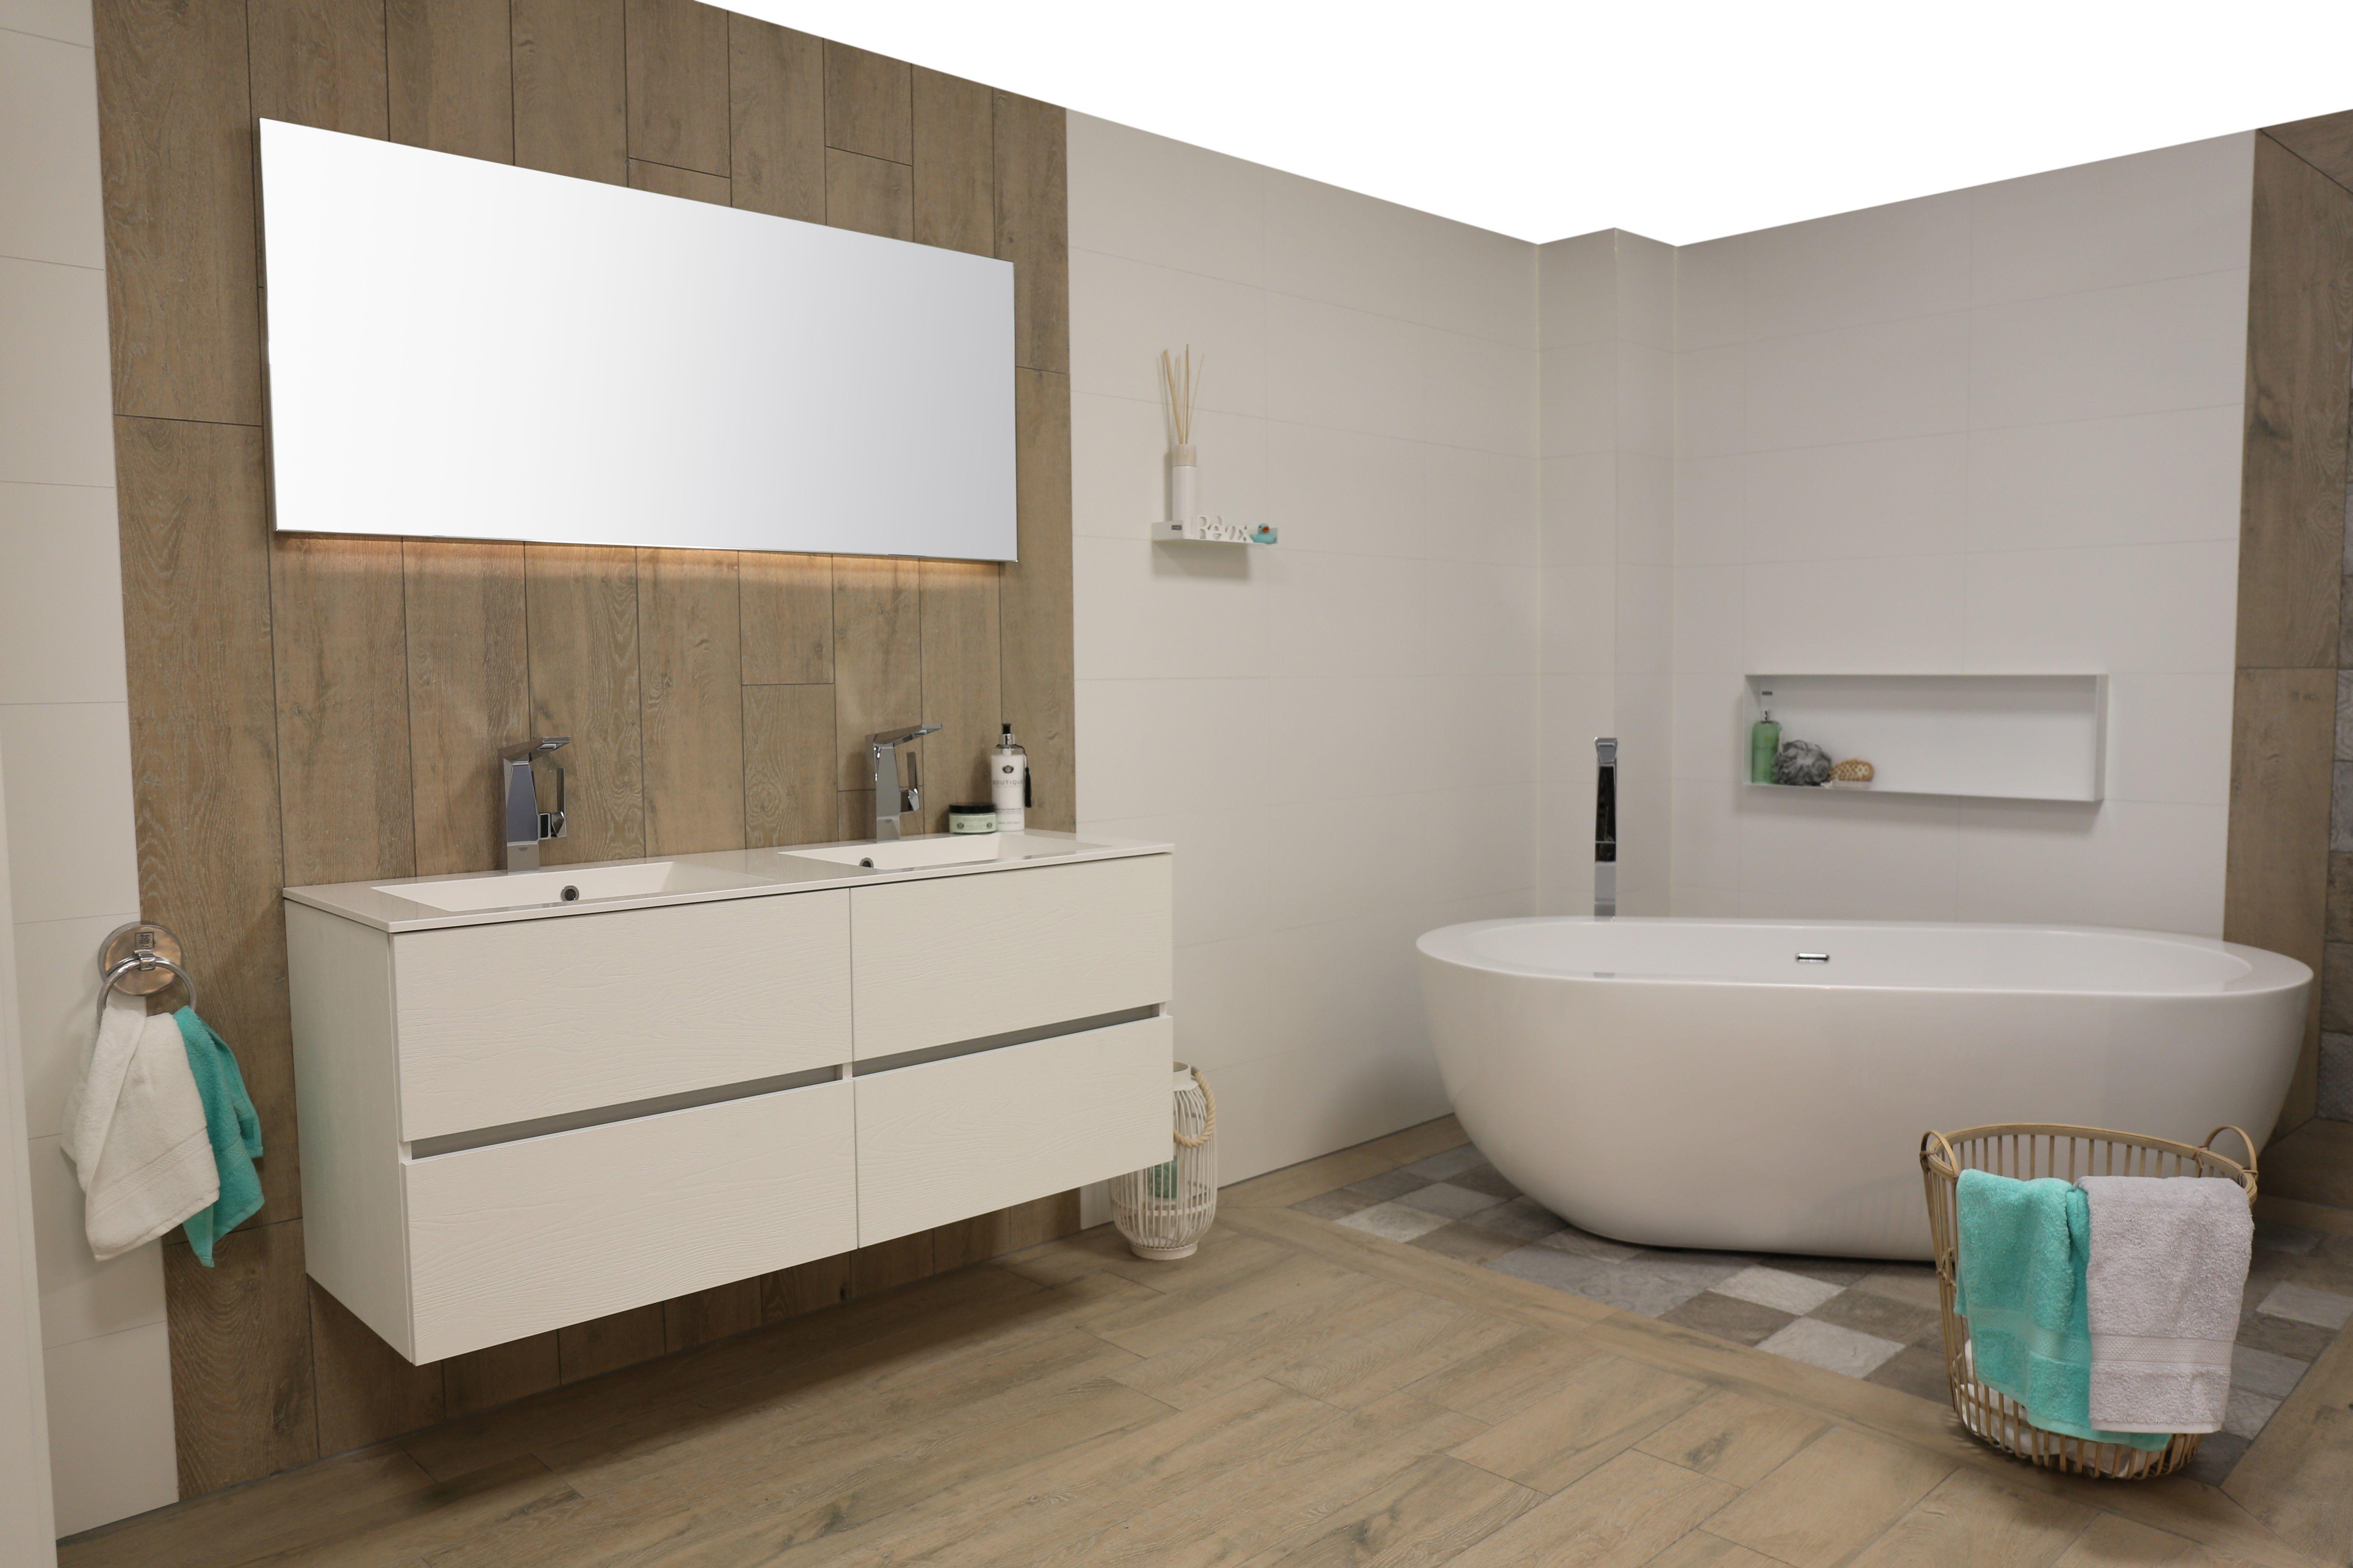 Meubels Nieuw Vennep : Prachtige badkameropstelling bij tegelsenmeer in nieuw vennep